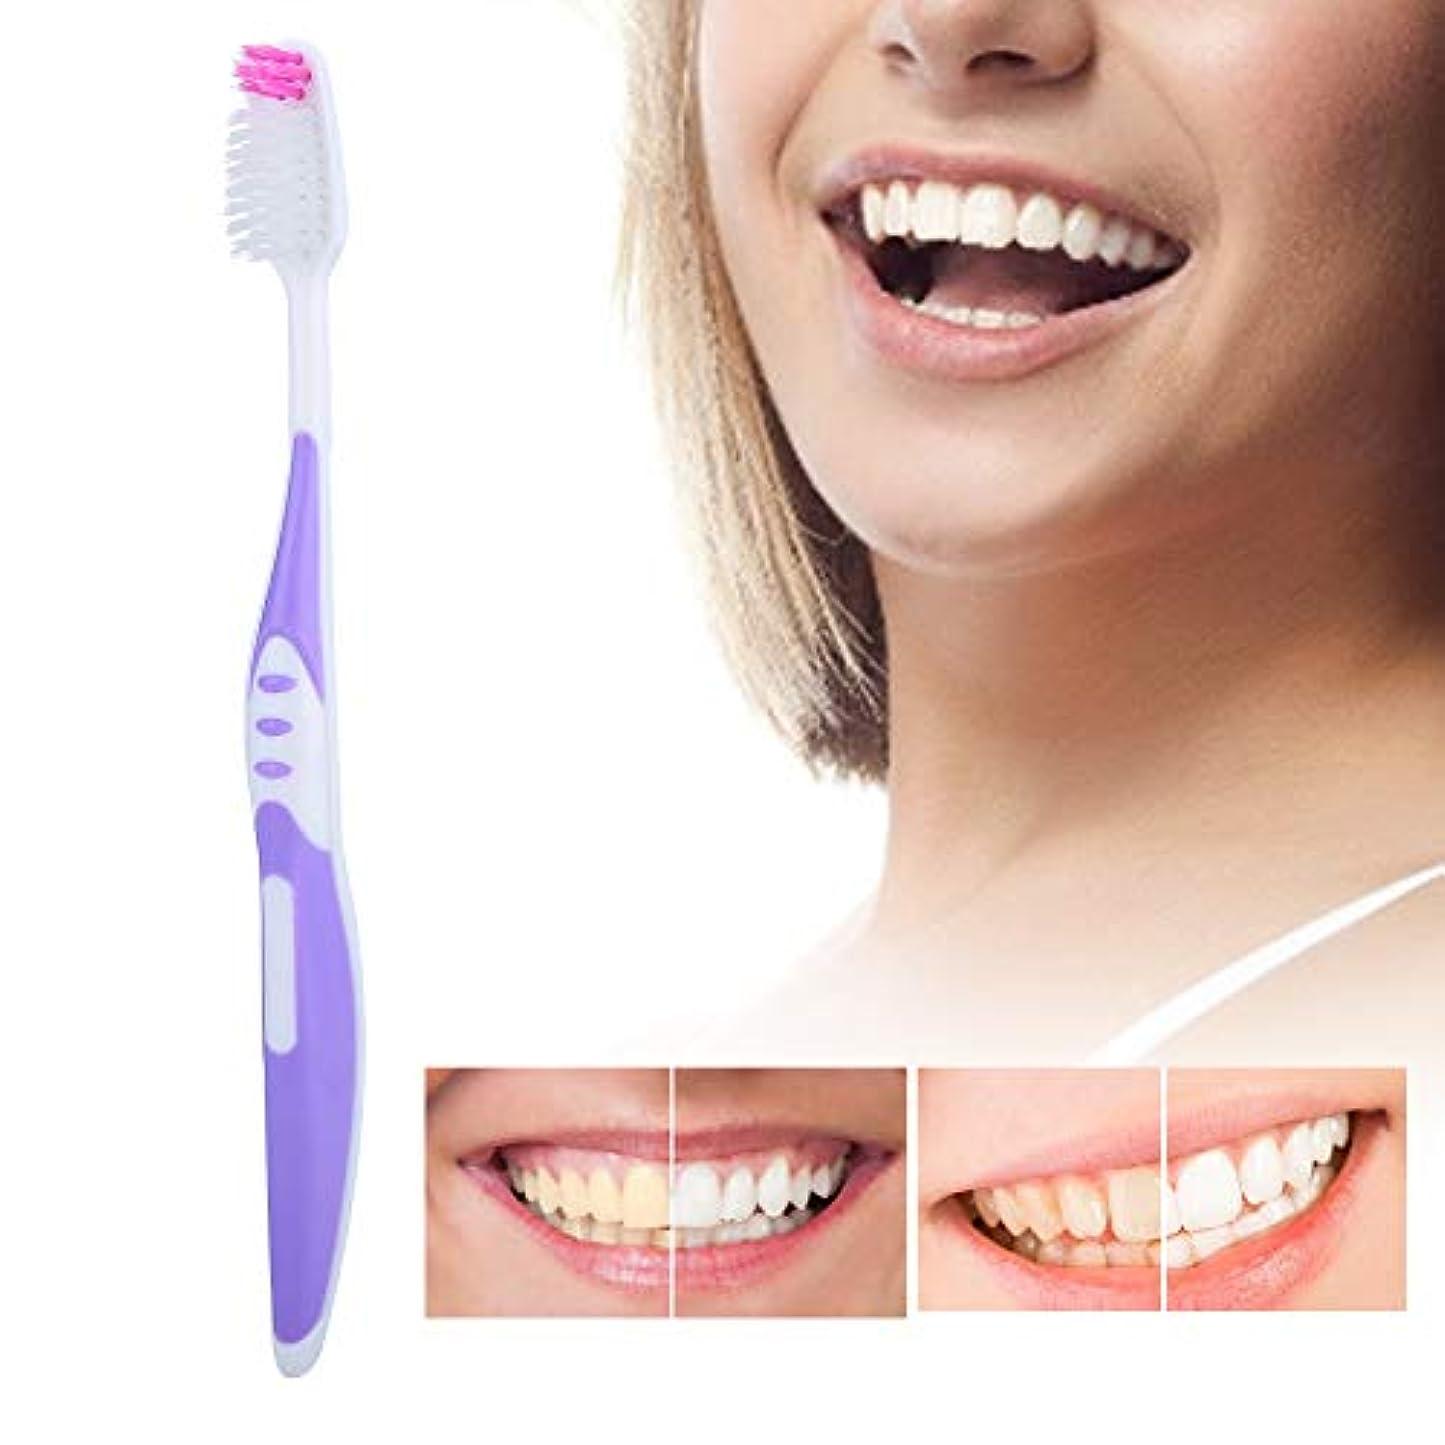 限りなくポインタ傾向がありますソフトブラシ髪の歯ブラシ10個入りpp滑り止めハンドル歯のクレンジングブラシ用大人パープル